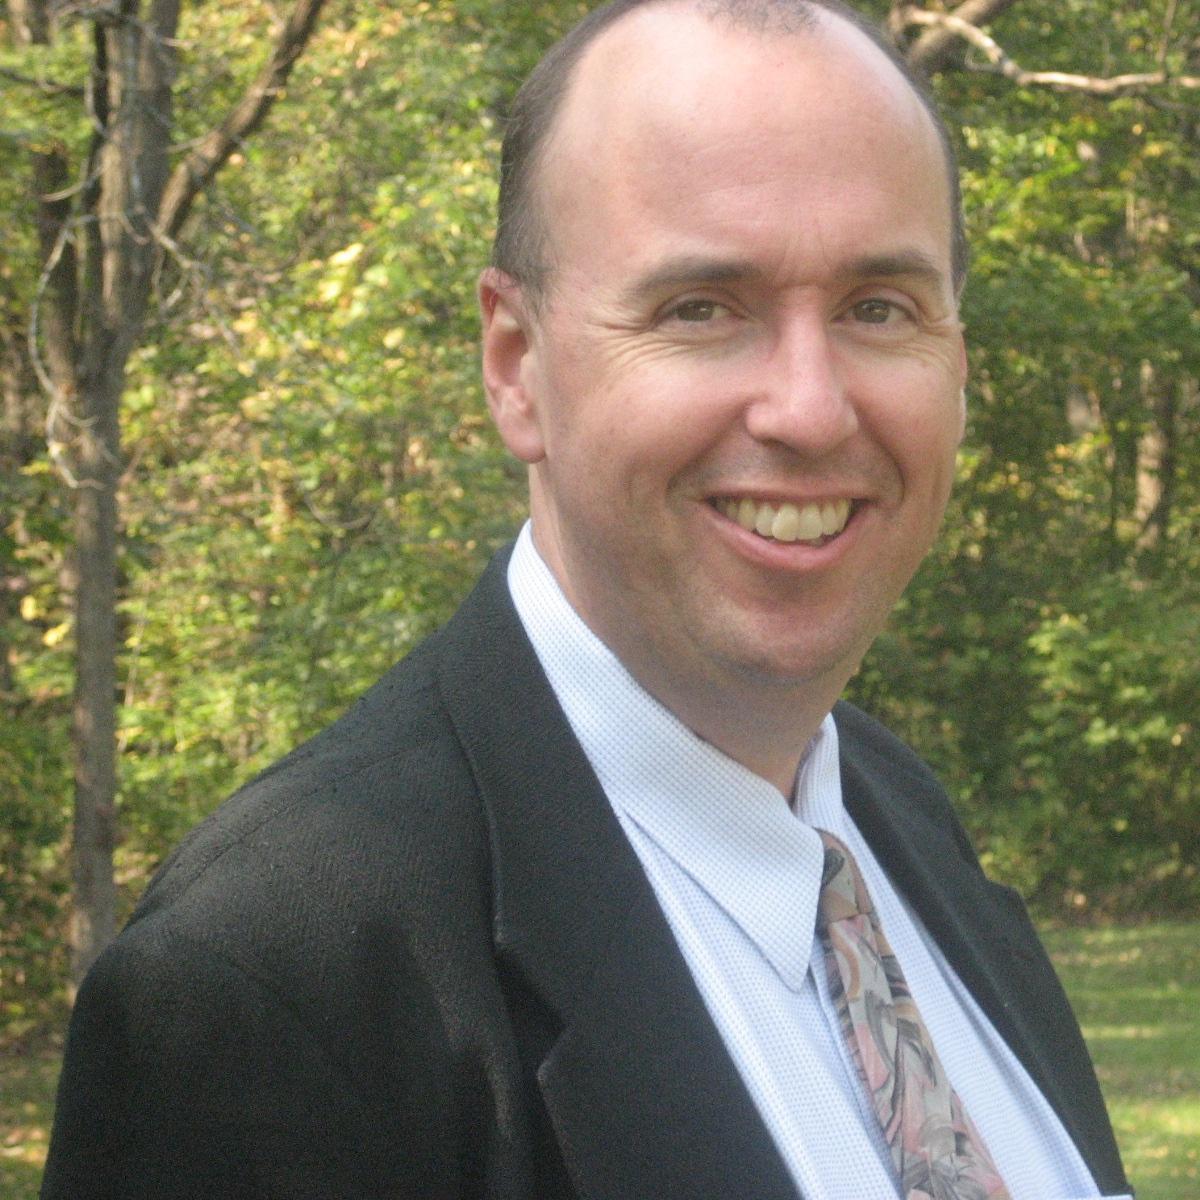 Rodney Warner, JD